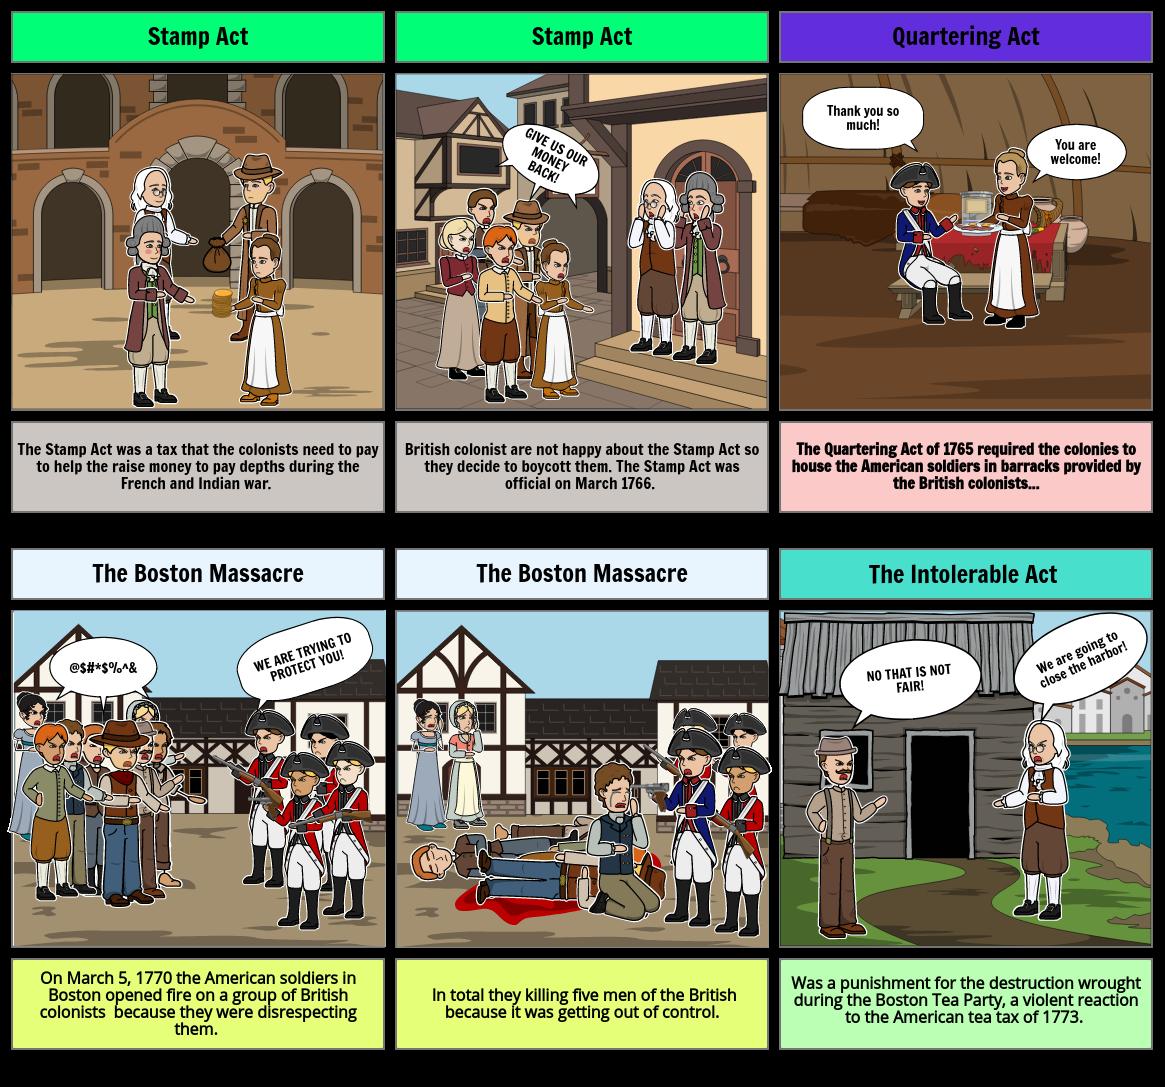 American Revolution pt.2